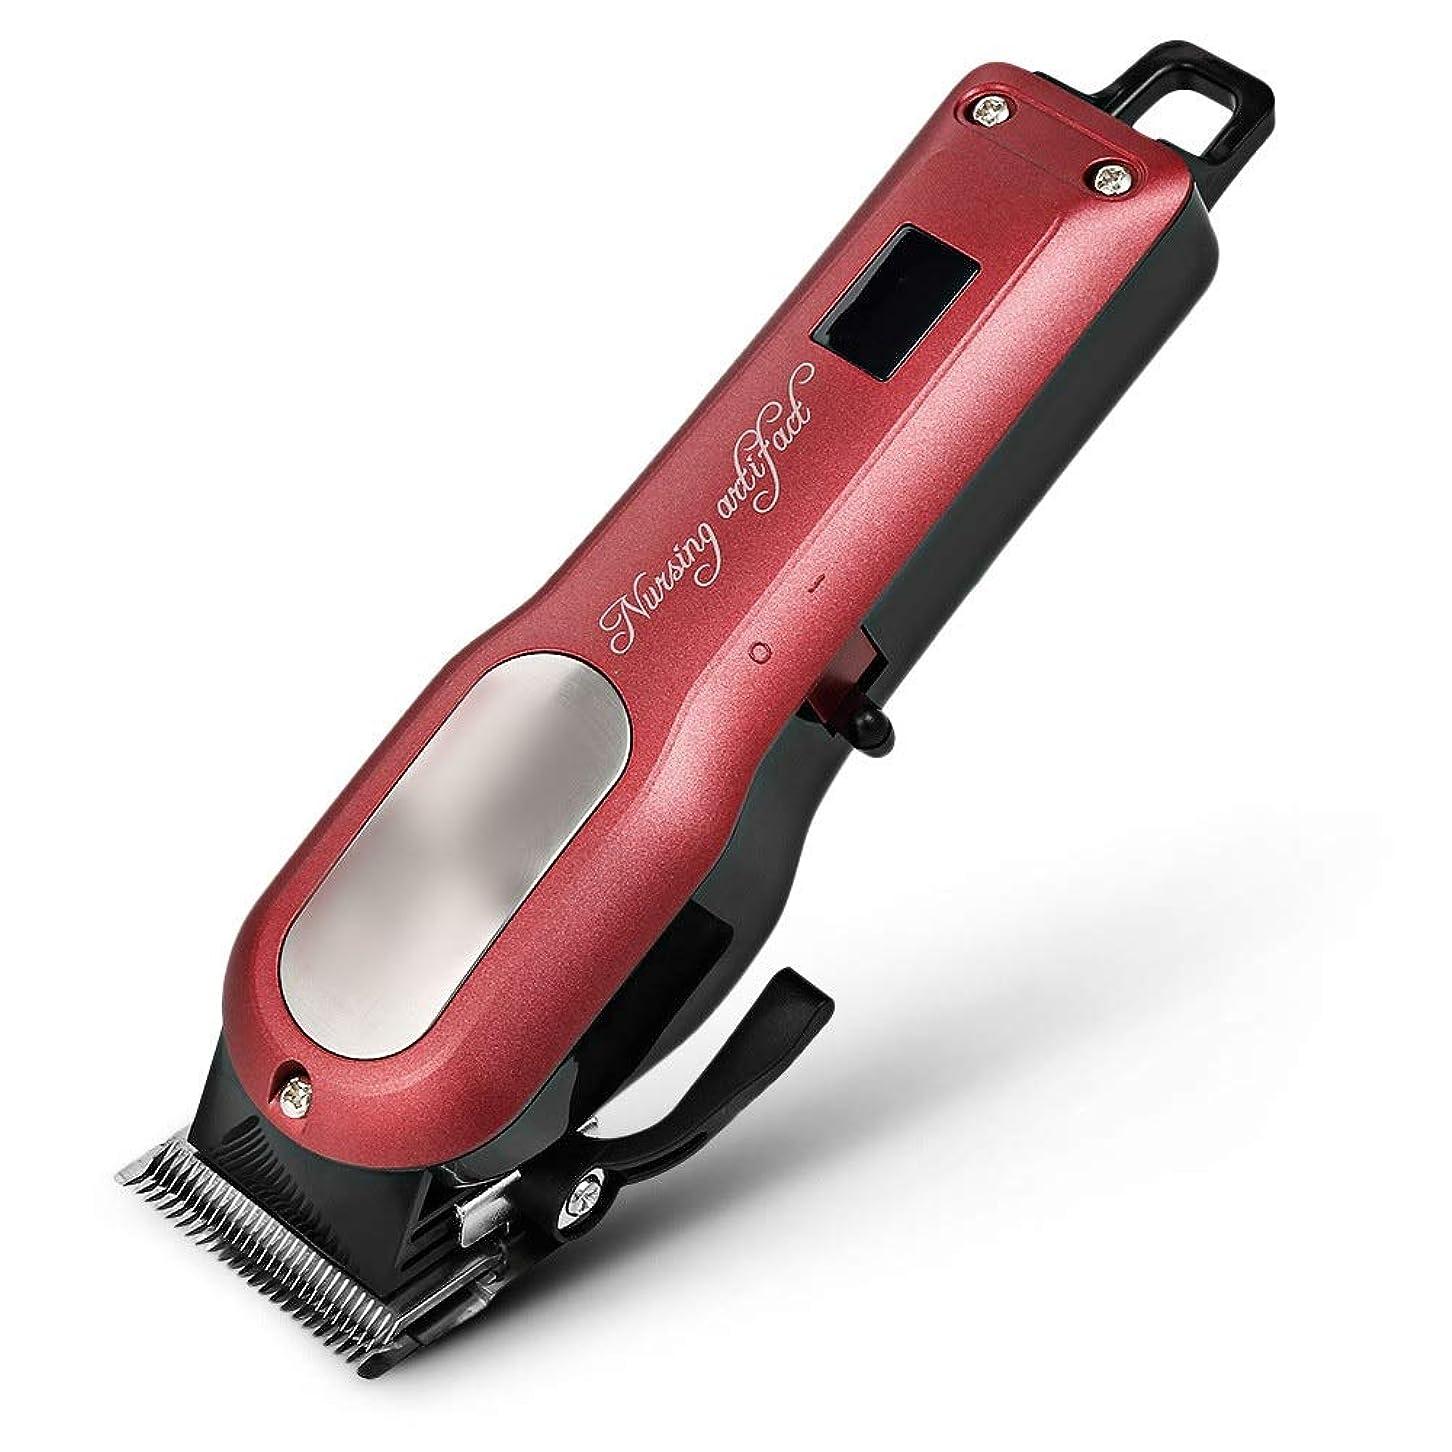 一方、契約した雑草WAKABAFK プロフェッショナル充電式電動バリカンデジタルヘア髭剃り剃刀トリマーメンズコードレス散髪機